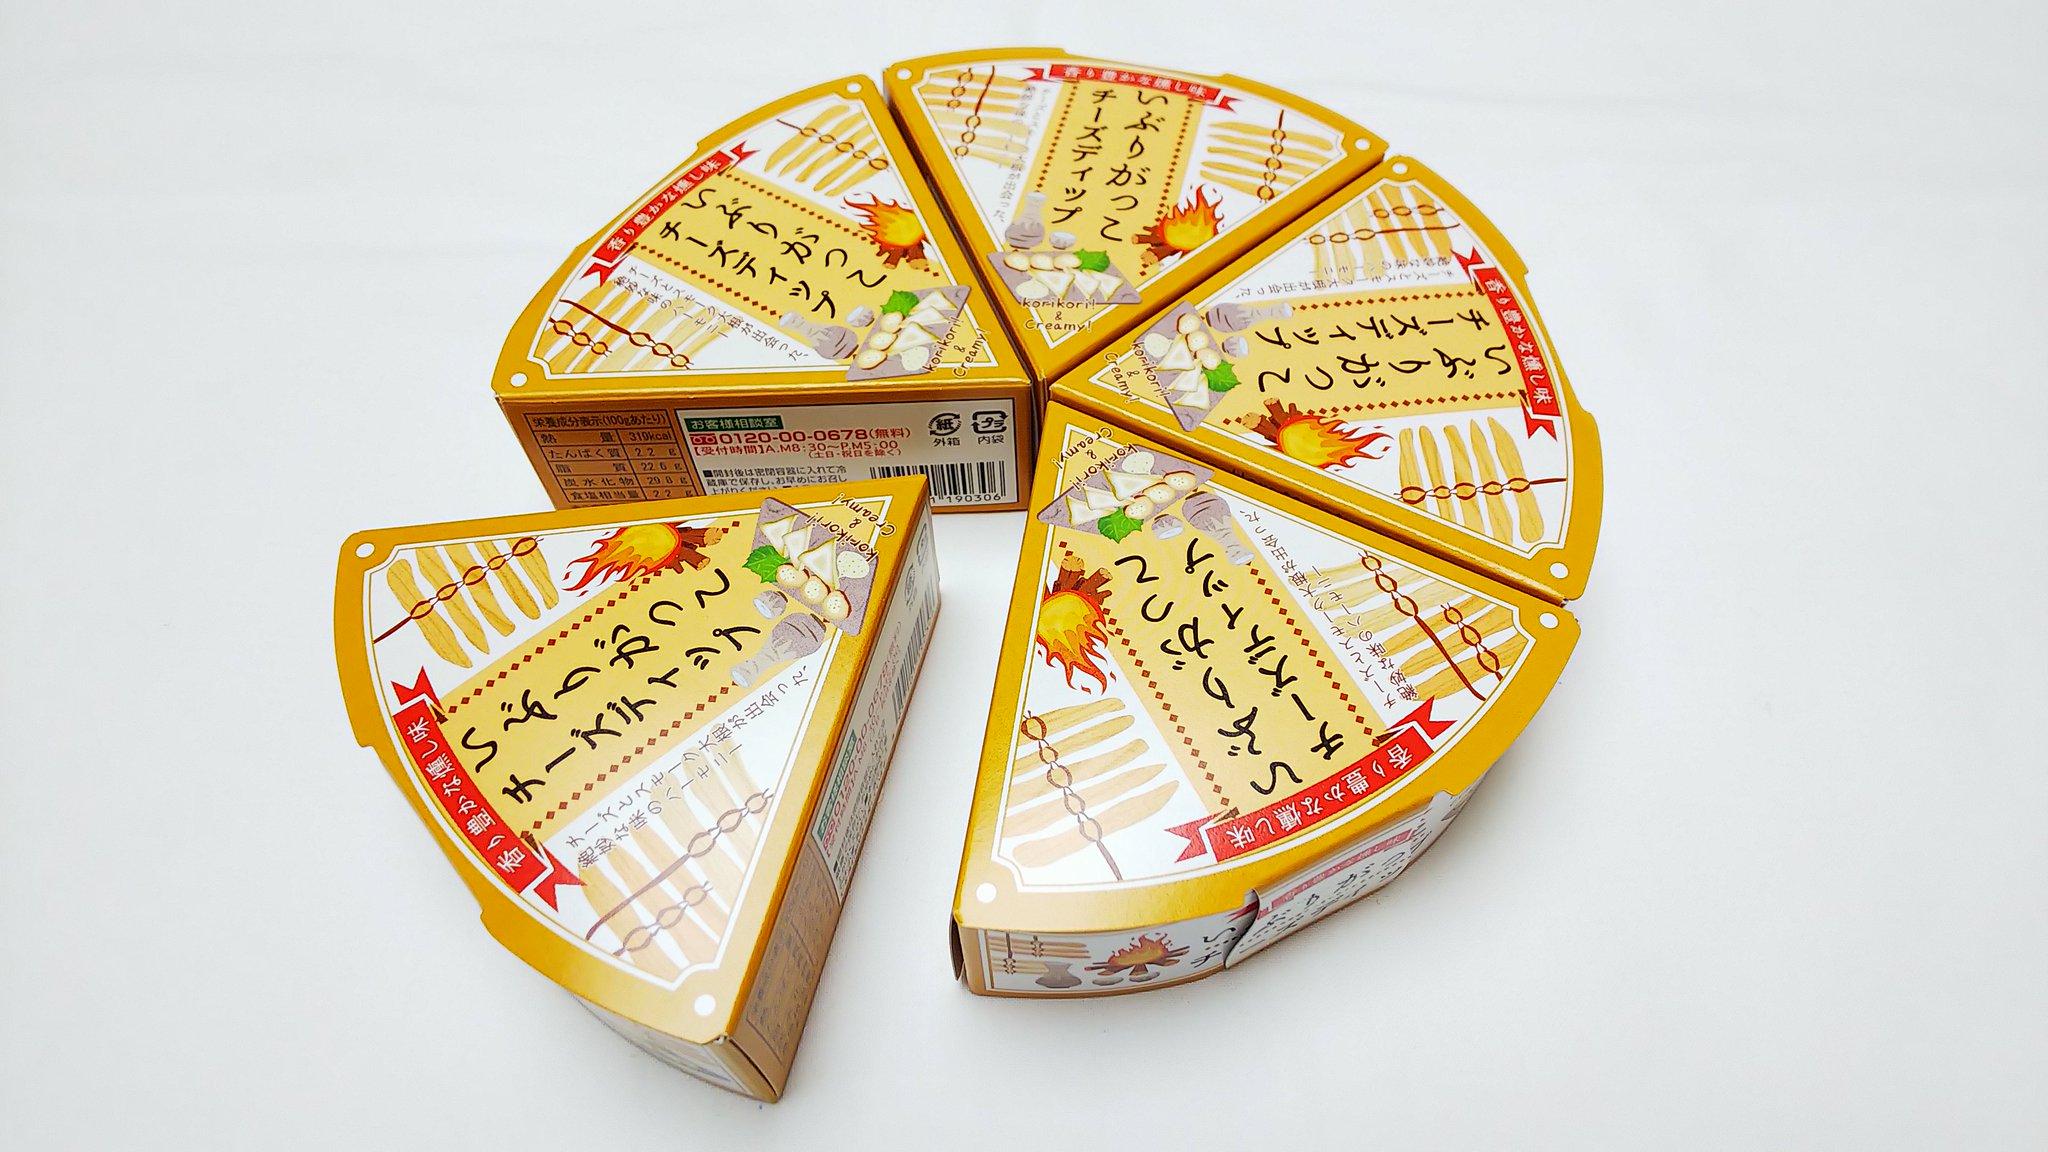 チーズ好き、酒呑みが好きそうなやつ!美味しそー!